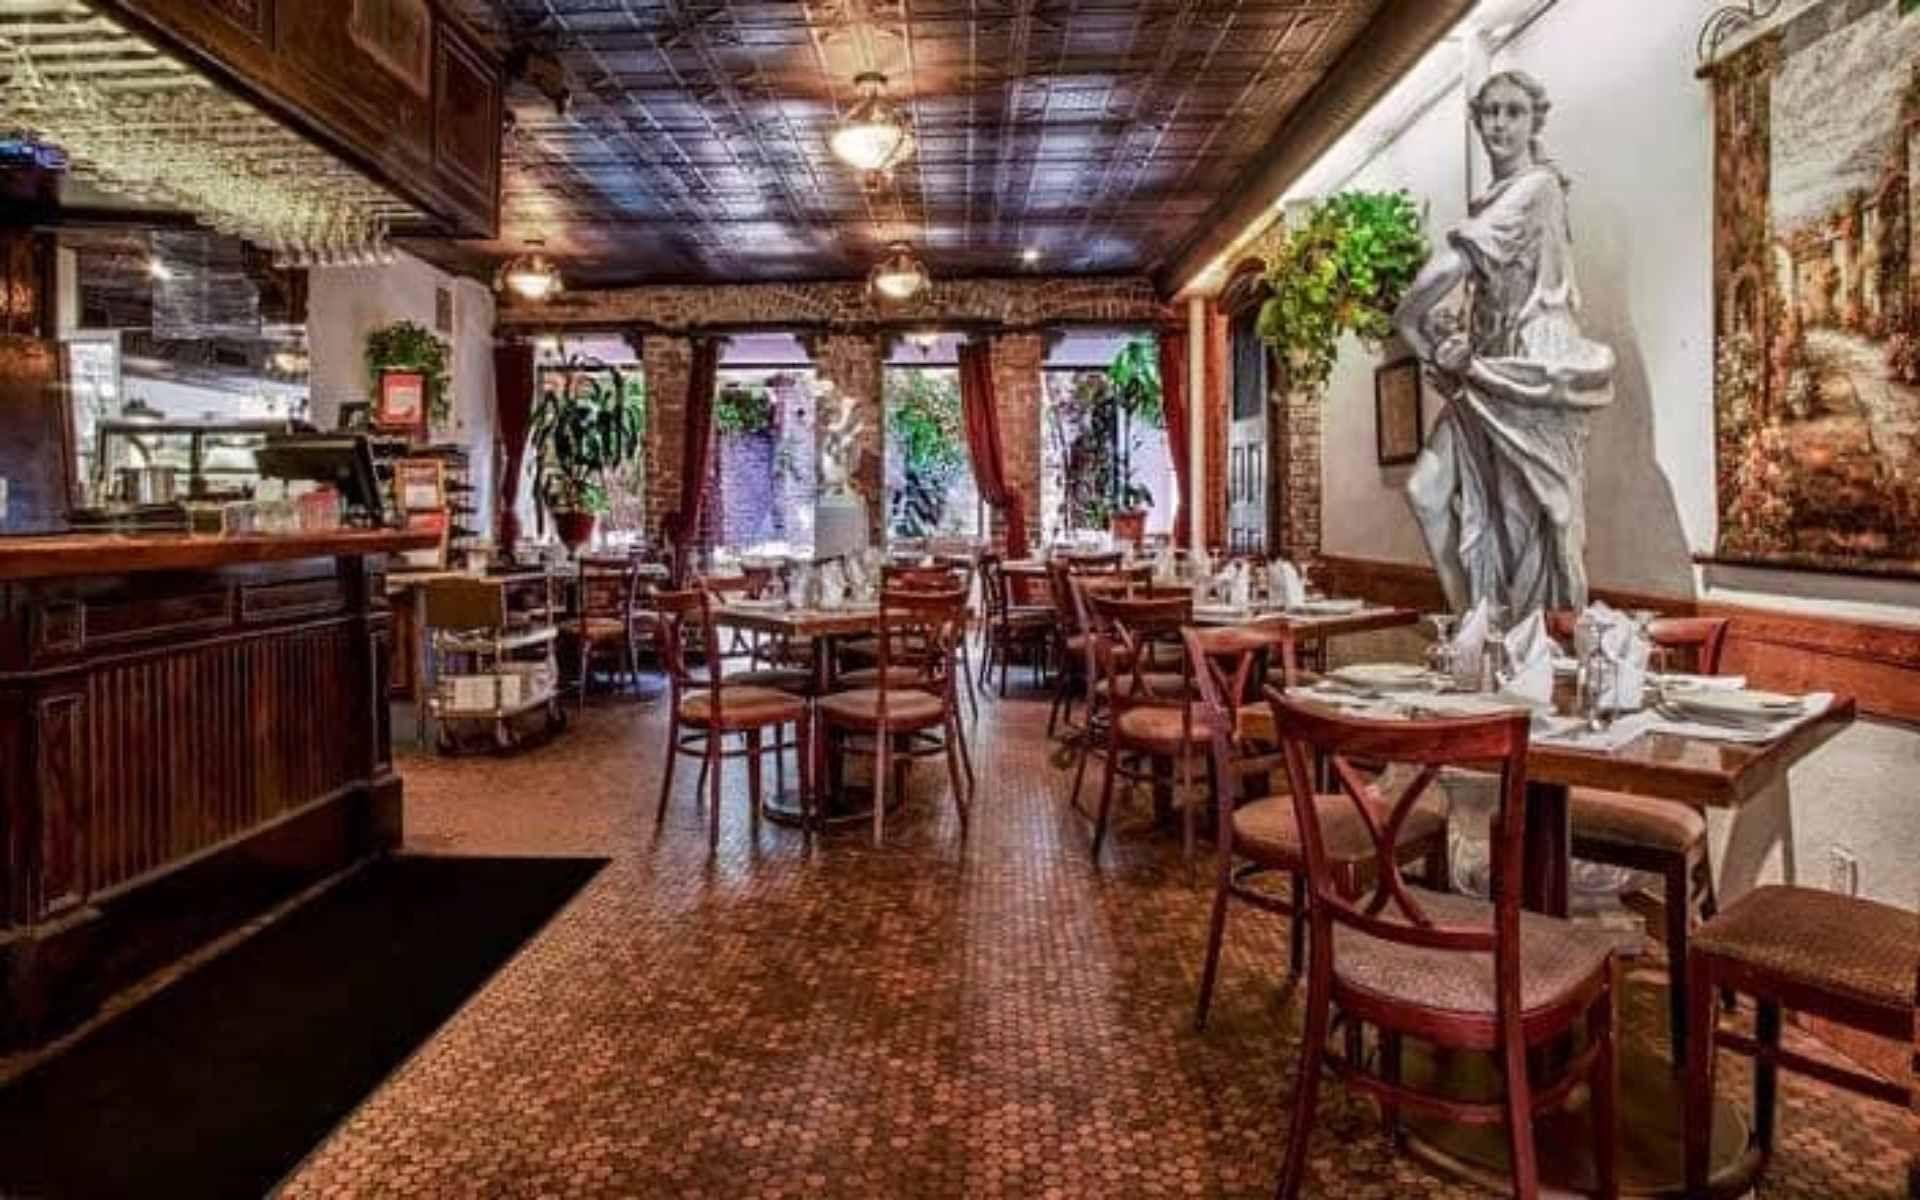 The Best Date Night Spots in Little Italy: idk tonight